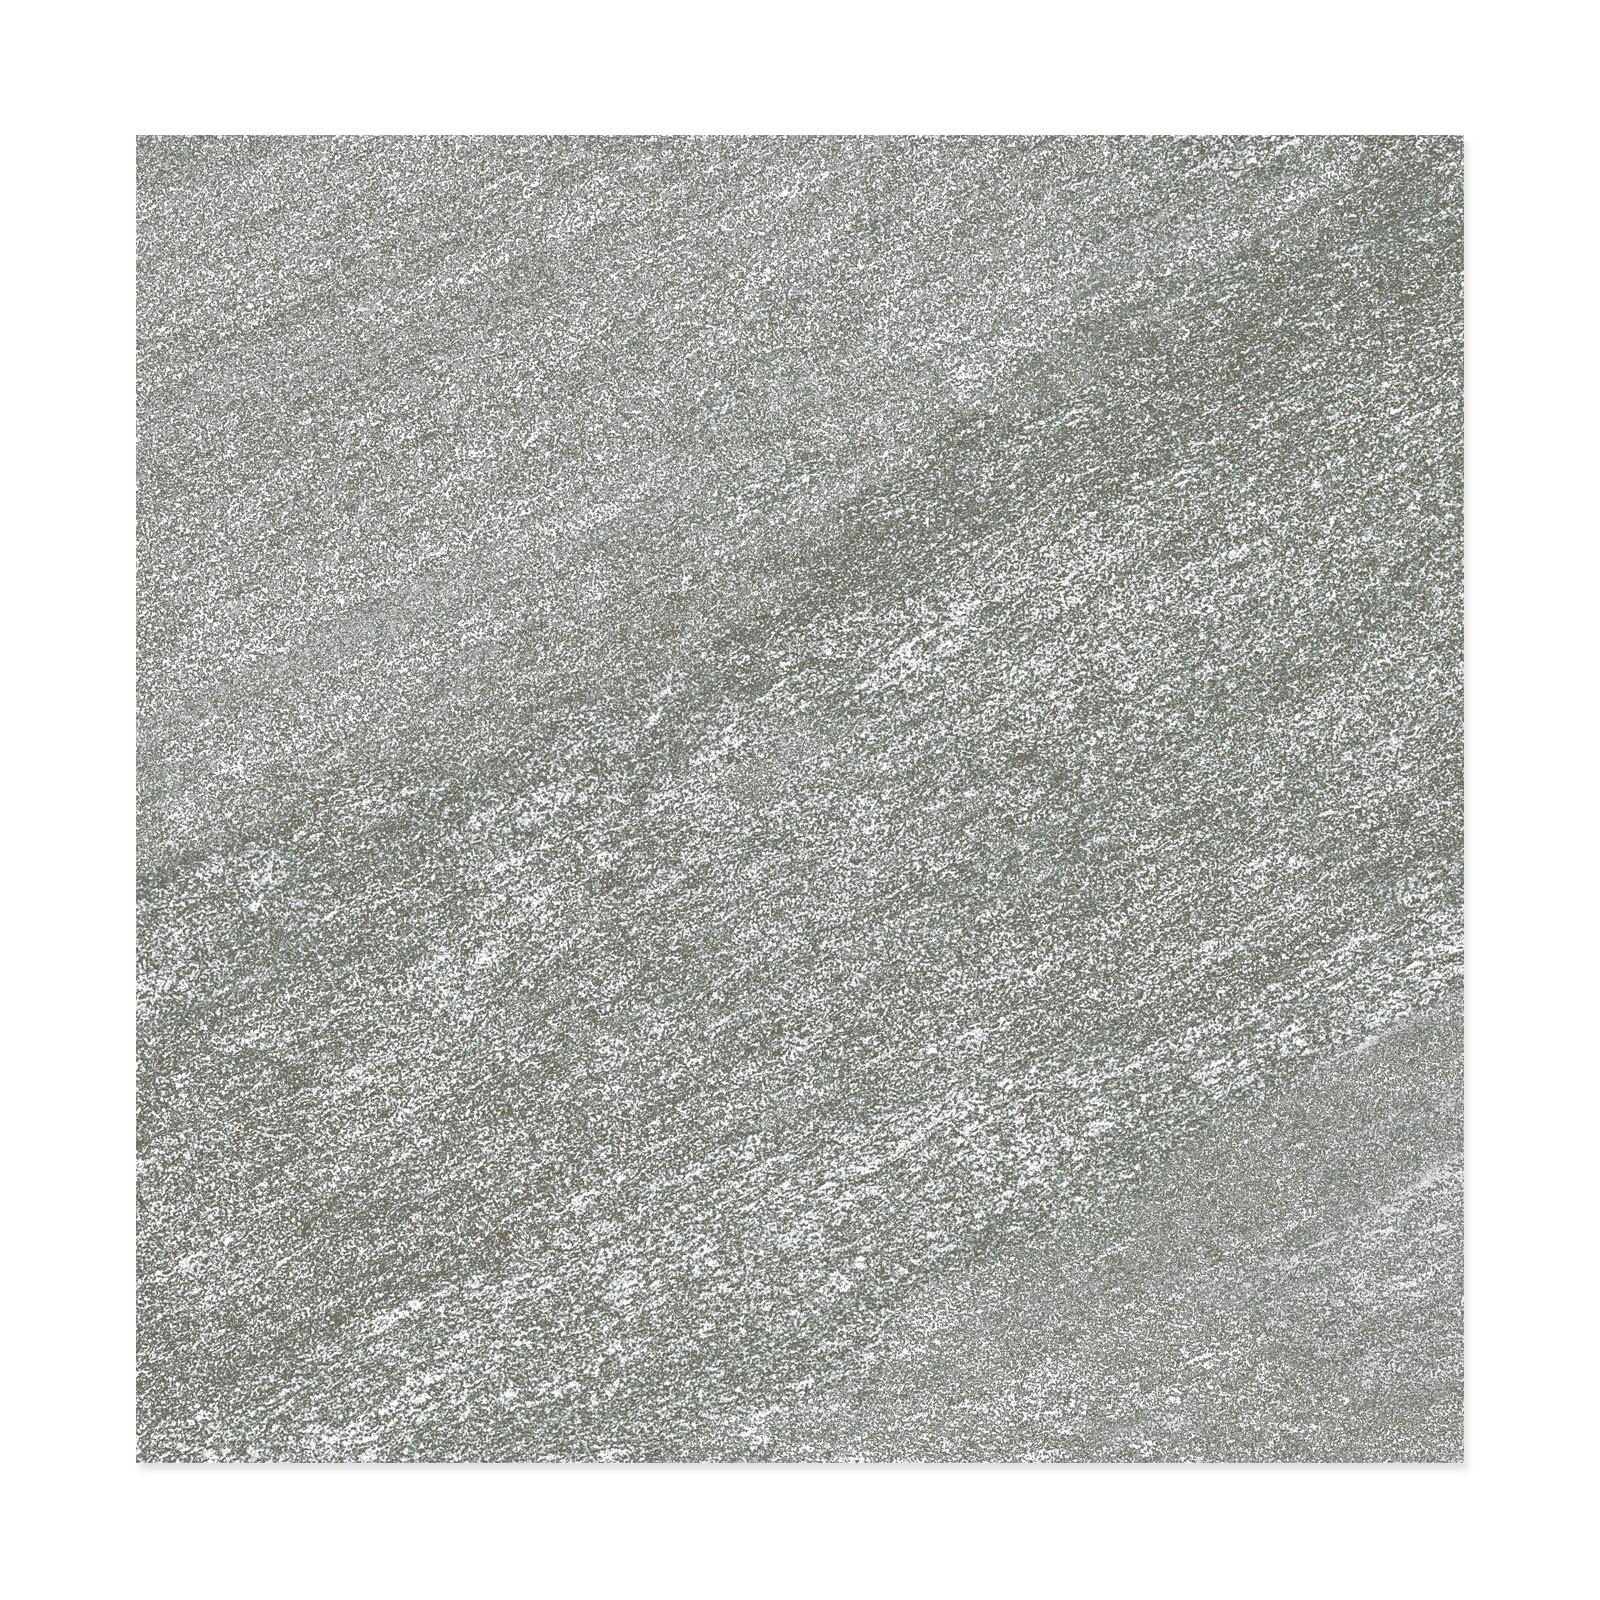 avalon gris floor tile. Black Bedroom Furniture Sets. Home Design Ideas